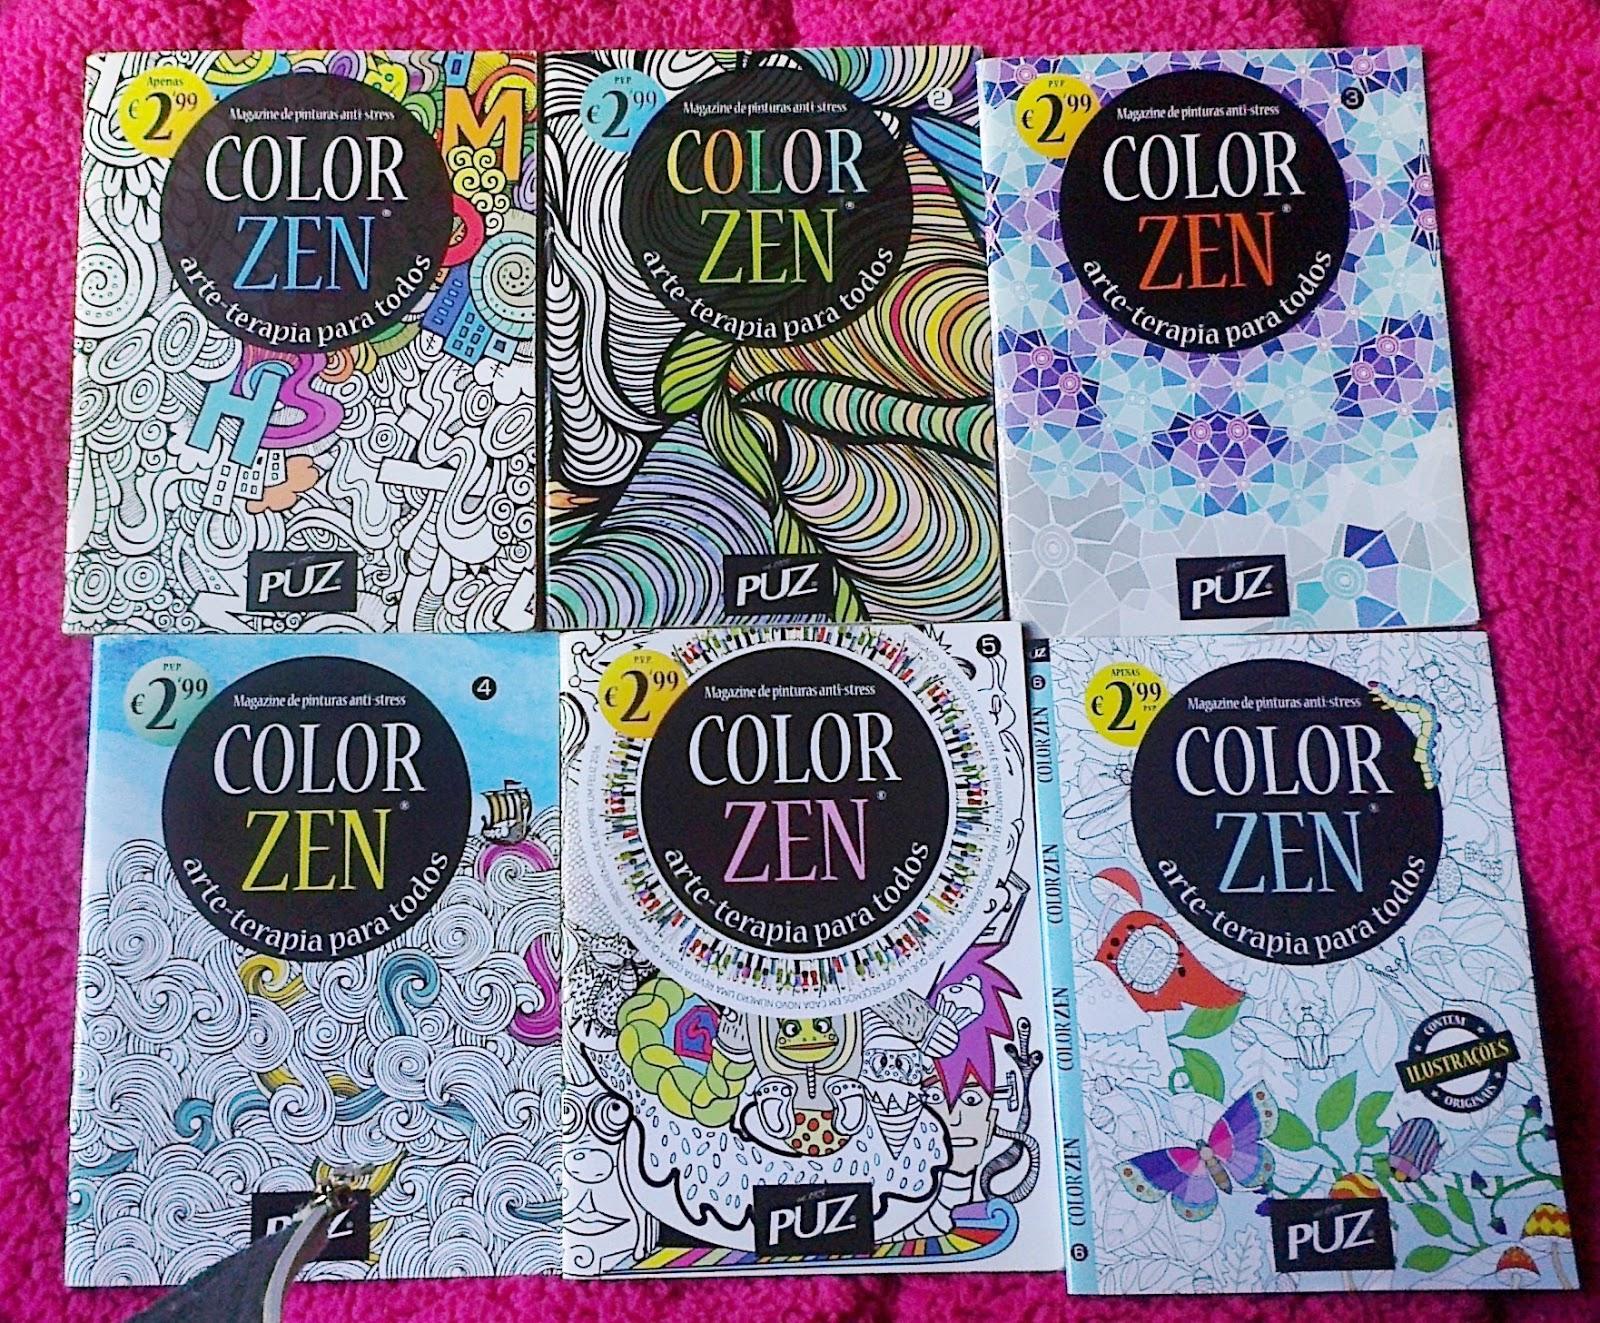 Color zen magazine - Desde A Nunca Mais Parei E Agora Compro Todas As Edi Es Da Color Zen Pois Foi A Que Mais Gostei Ela Sai De 2 Em 2 Meses E Custa Apenas 2 99